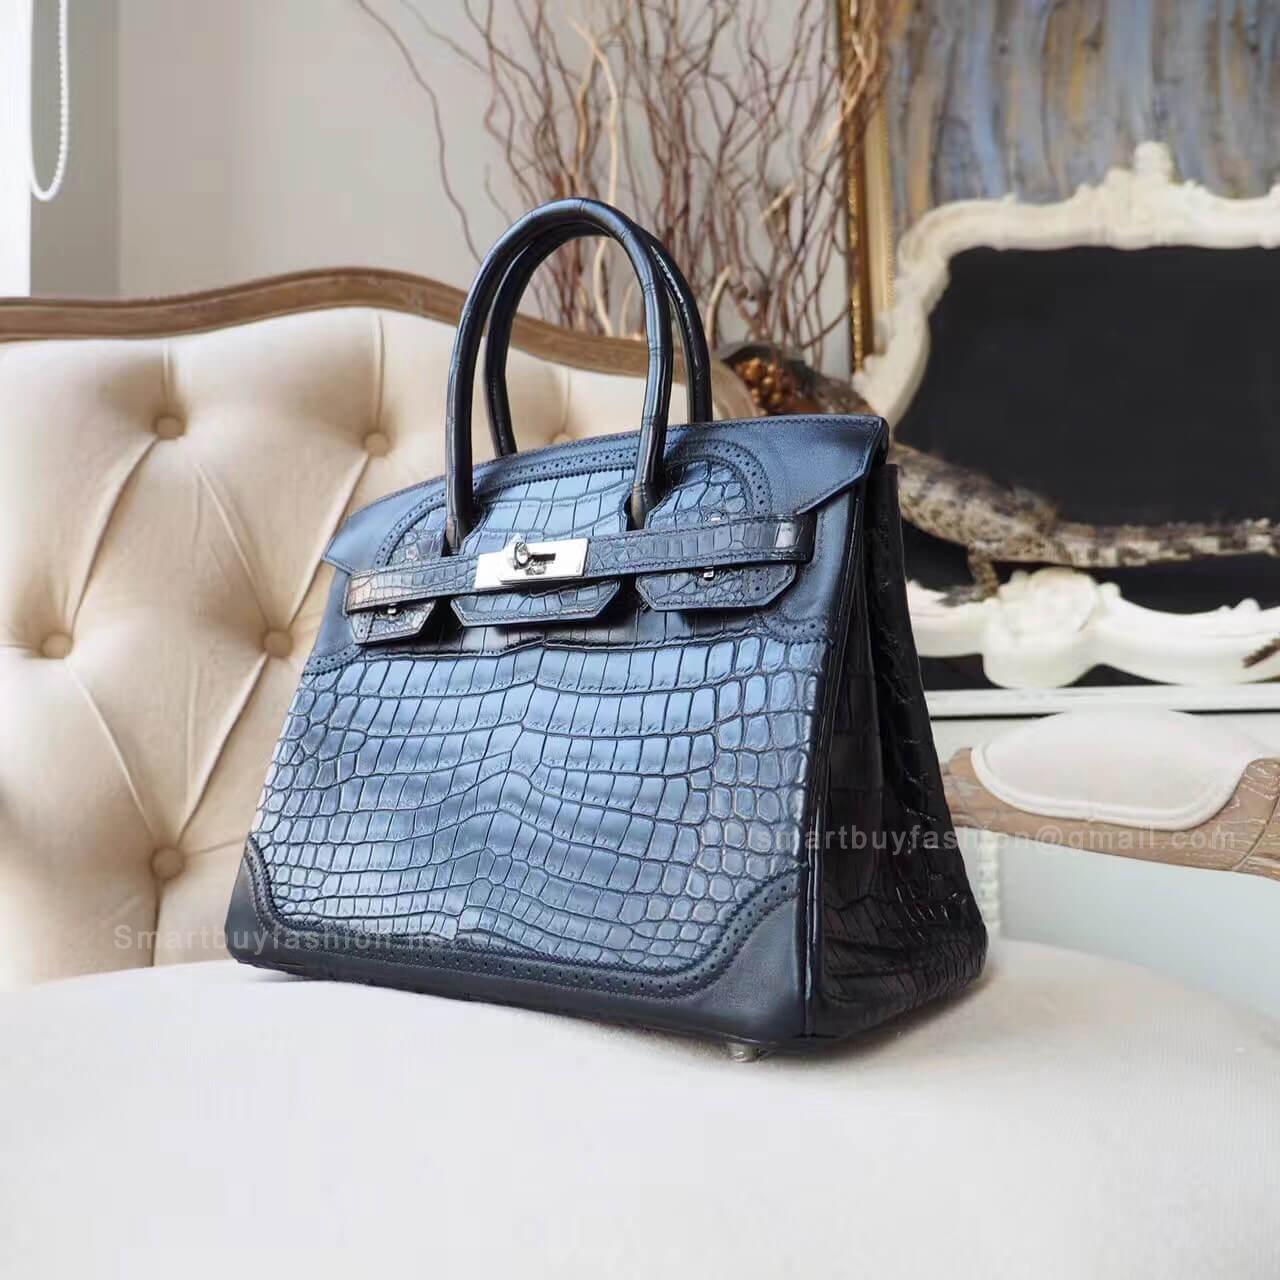 852ed2640605 Hermes Birkin 30 Bag Ghillies in ck89 Matte Nile Croc PHW